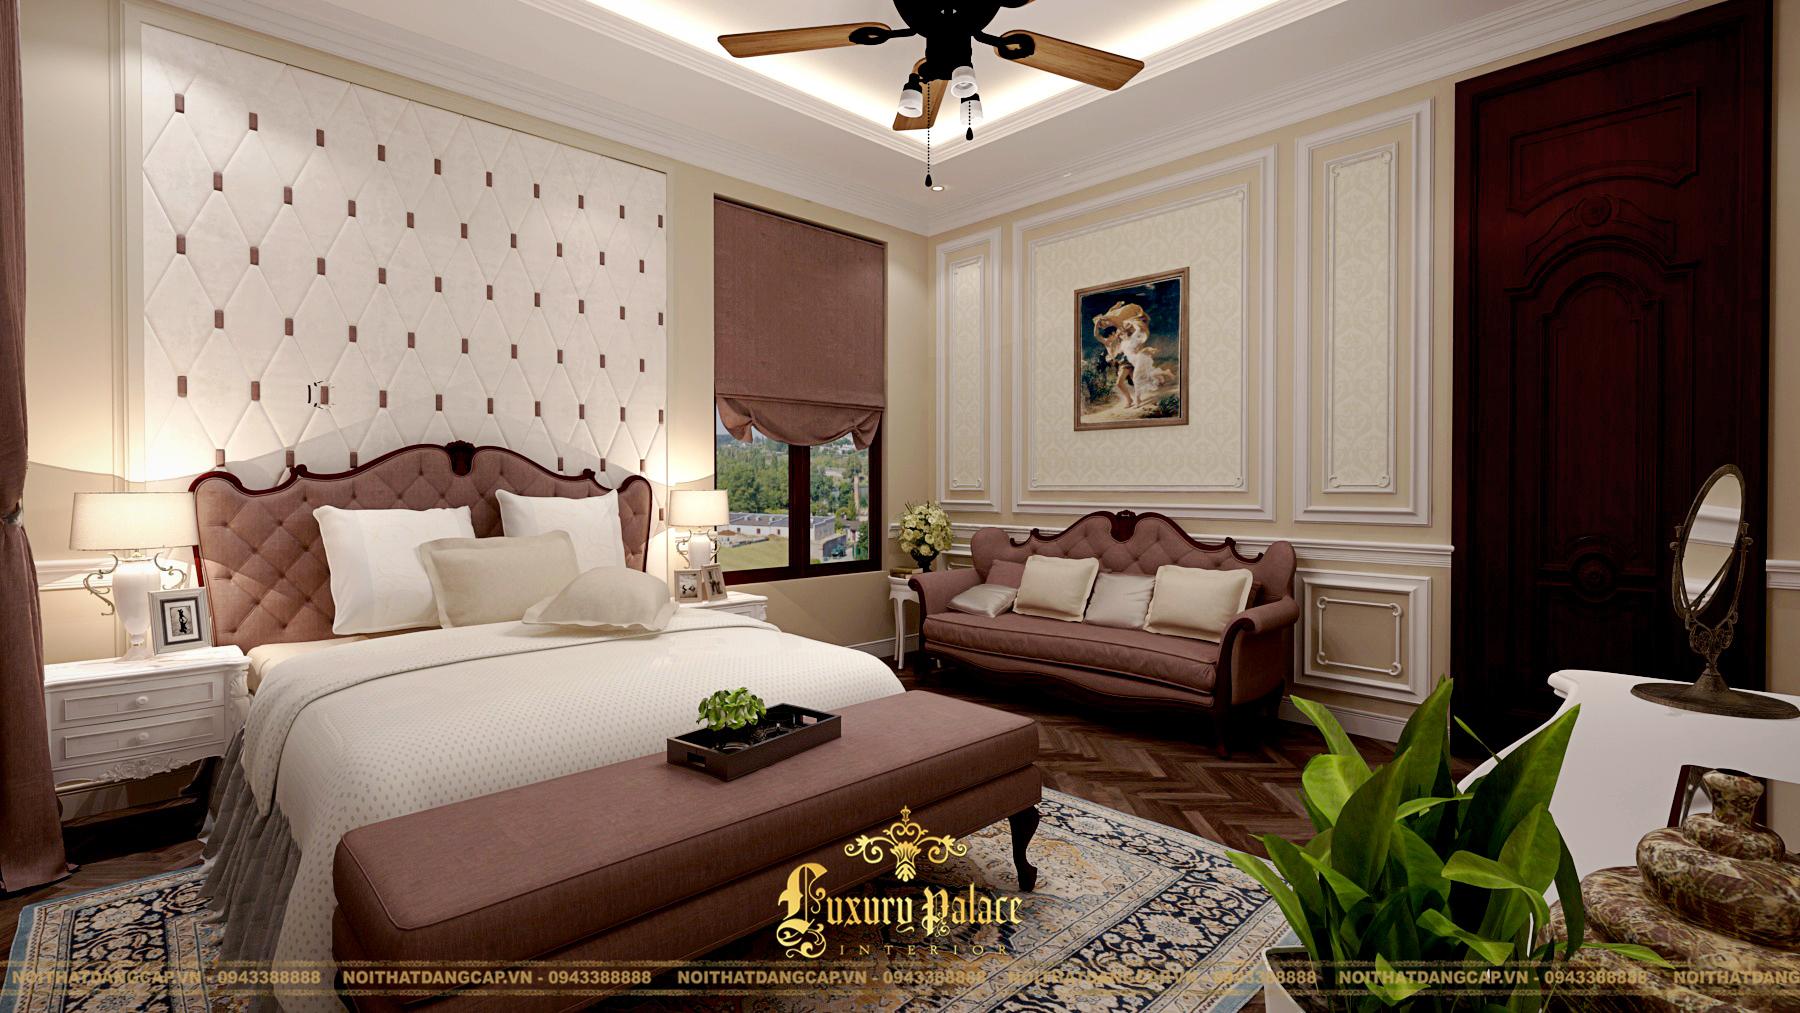 Mẫu thiết kế phòng ngủ phong cách tân cổ điển châu Âu 22